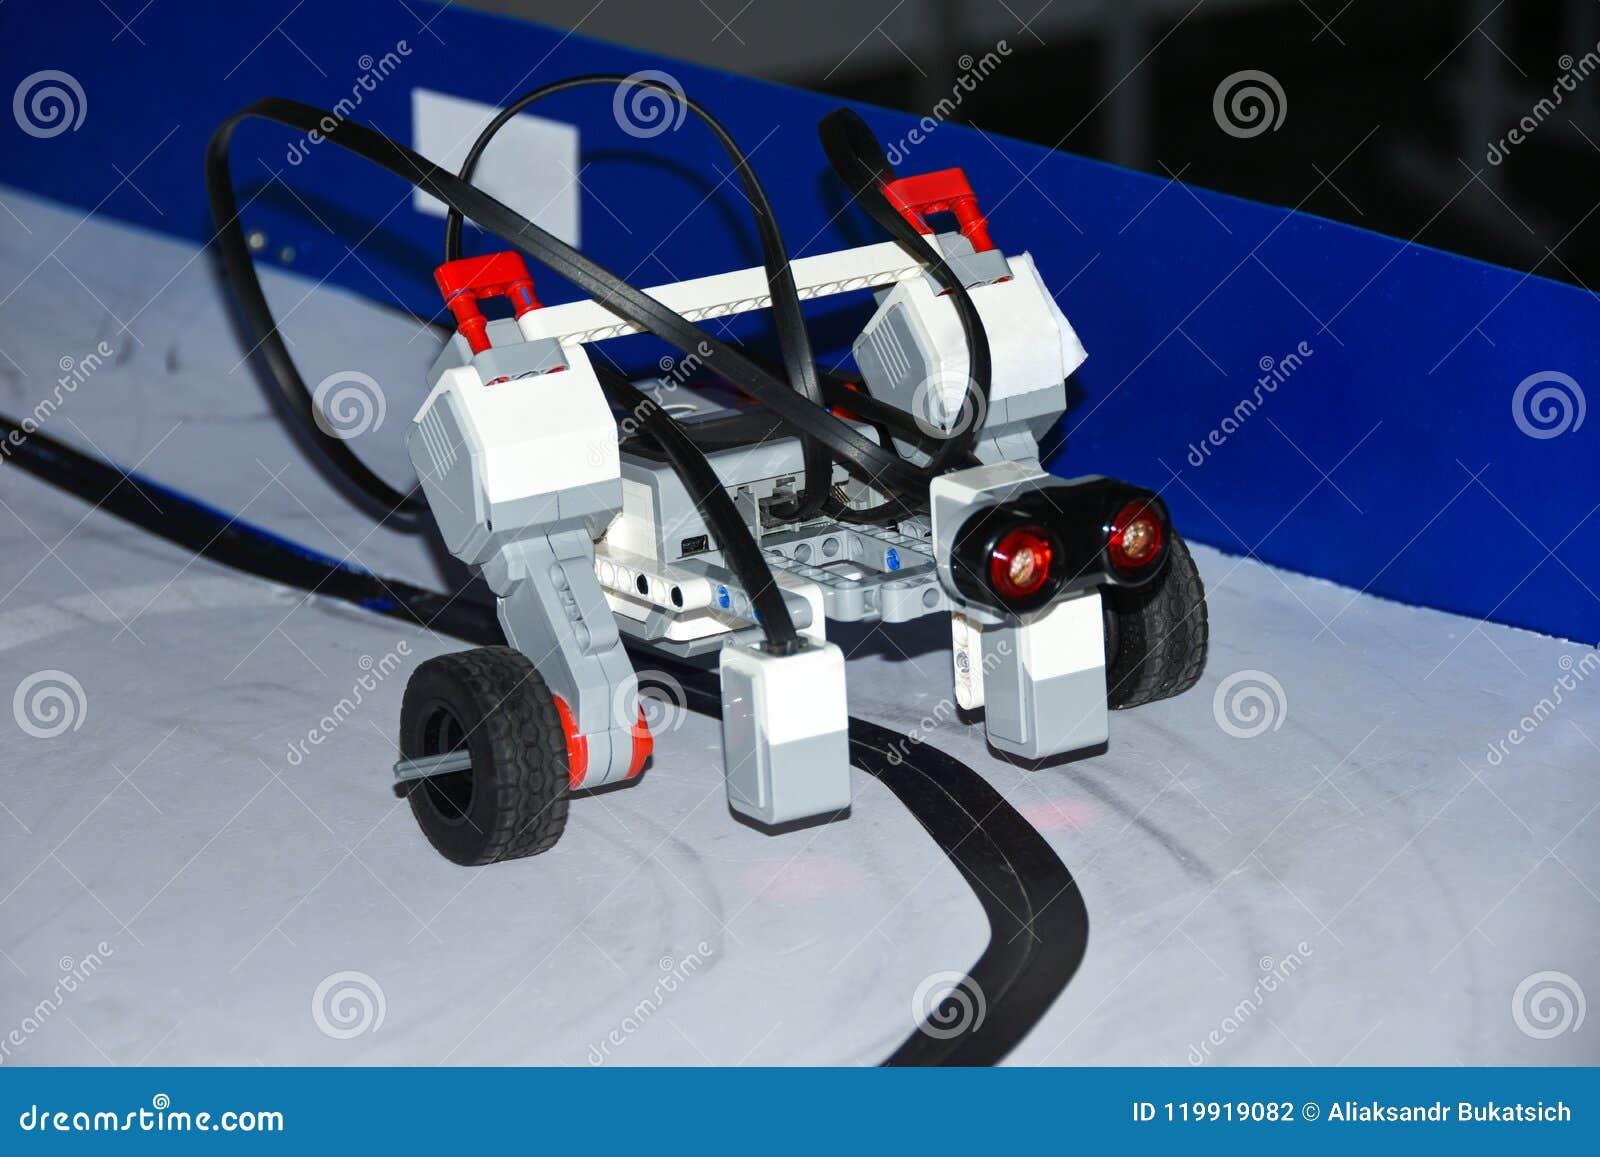 Το αυτοκίνητο ρομπότ που συγκεντρώνεται από τις λεπτομέρειες σχεδιαστών οδηγά στο μαγνητικό δρόμο από τους σπουδαστές ξεκινήματος